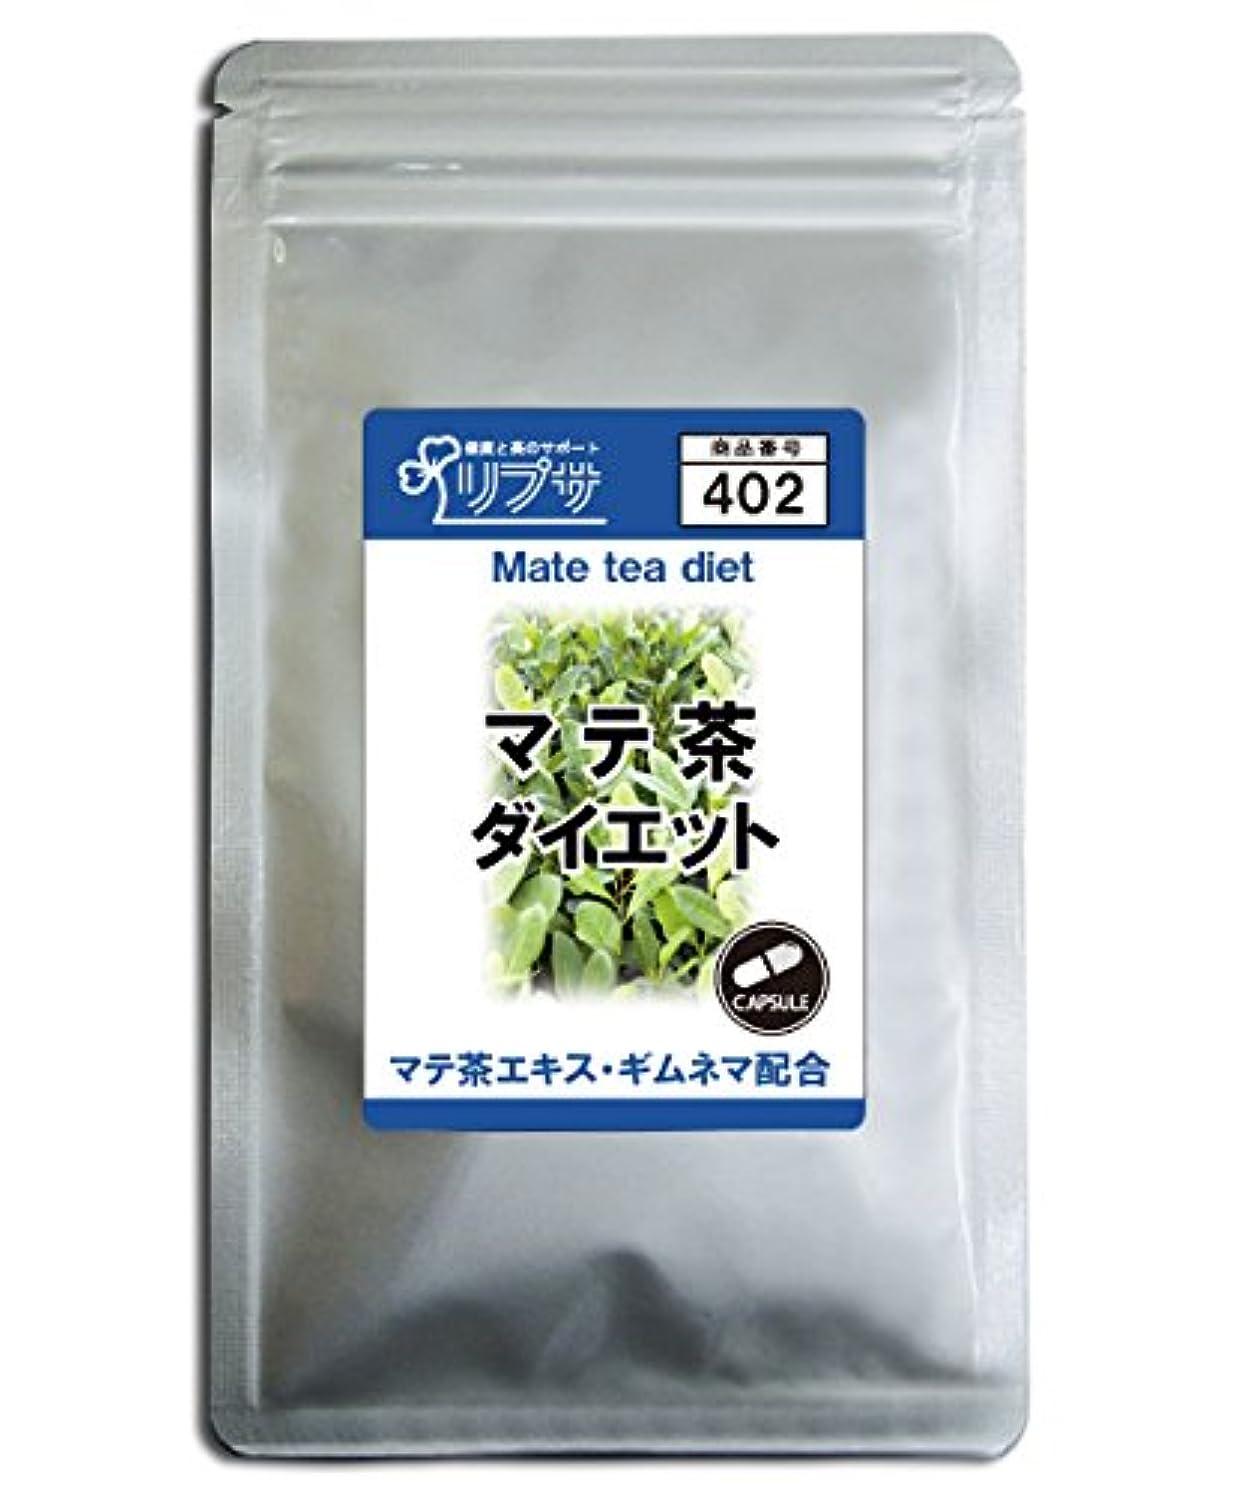 反対する伸ばす反論者マテ茶ダイエット 約3か月分 C-402